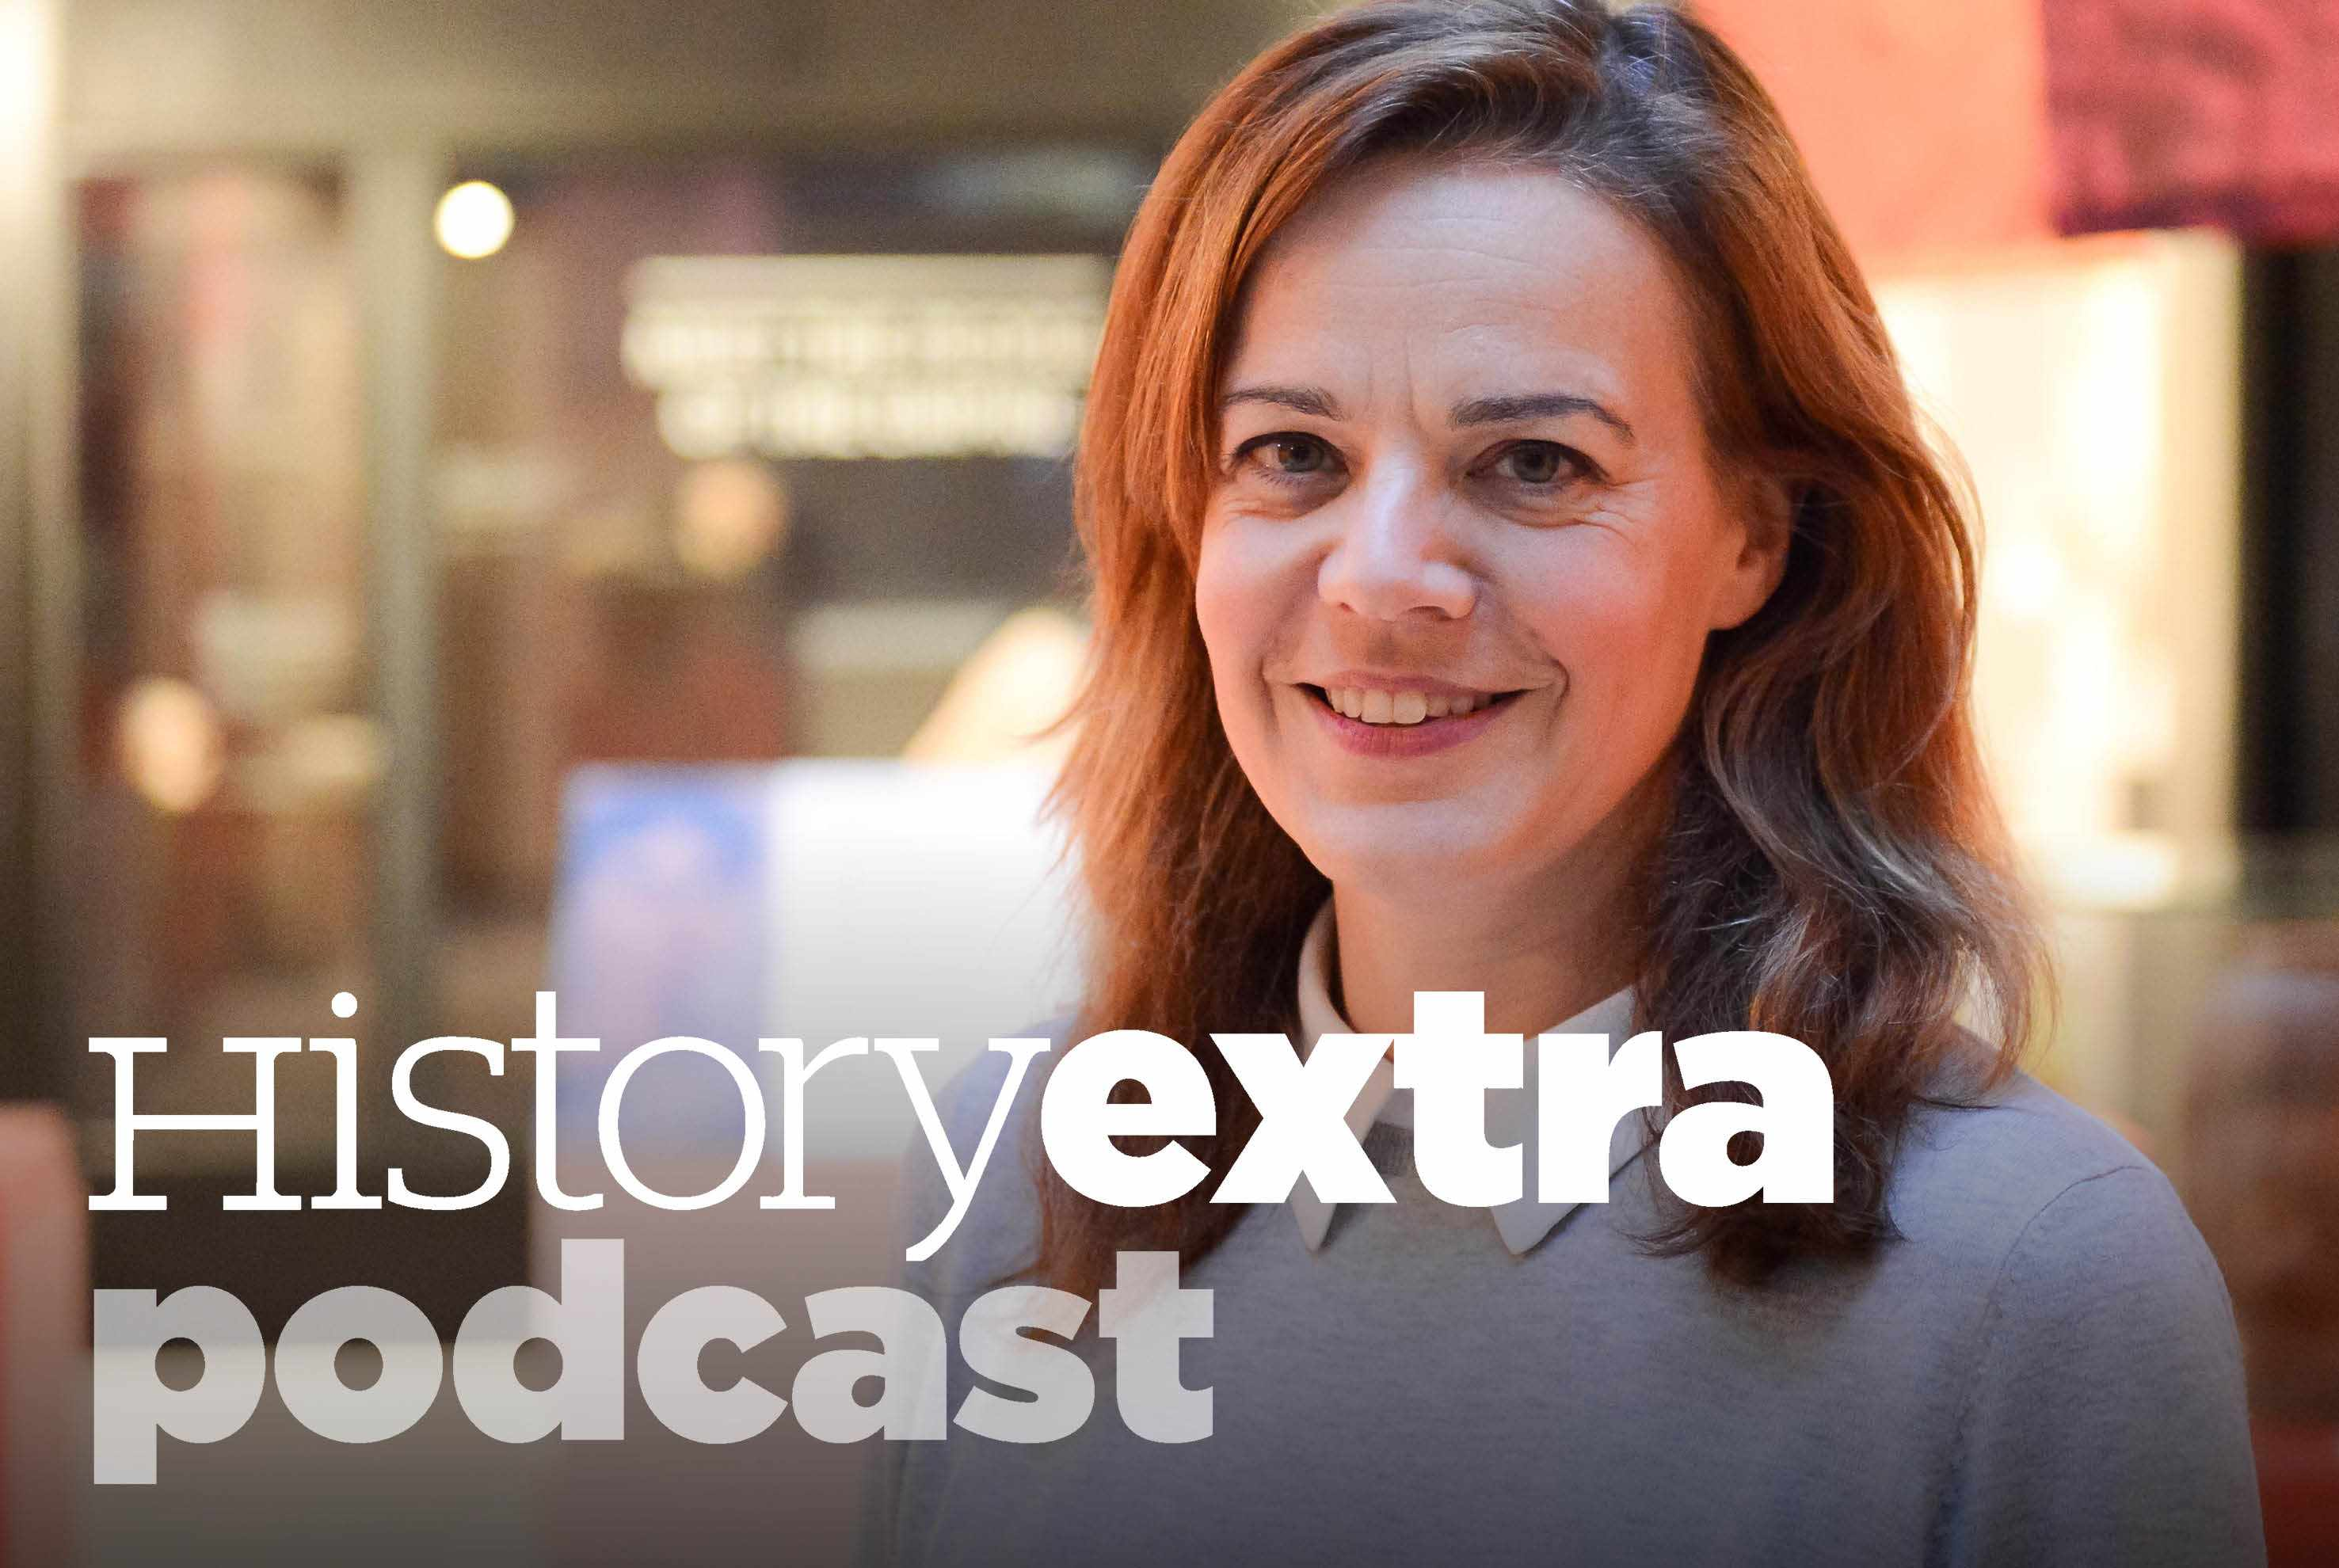 Elizabeth I podcast